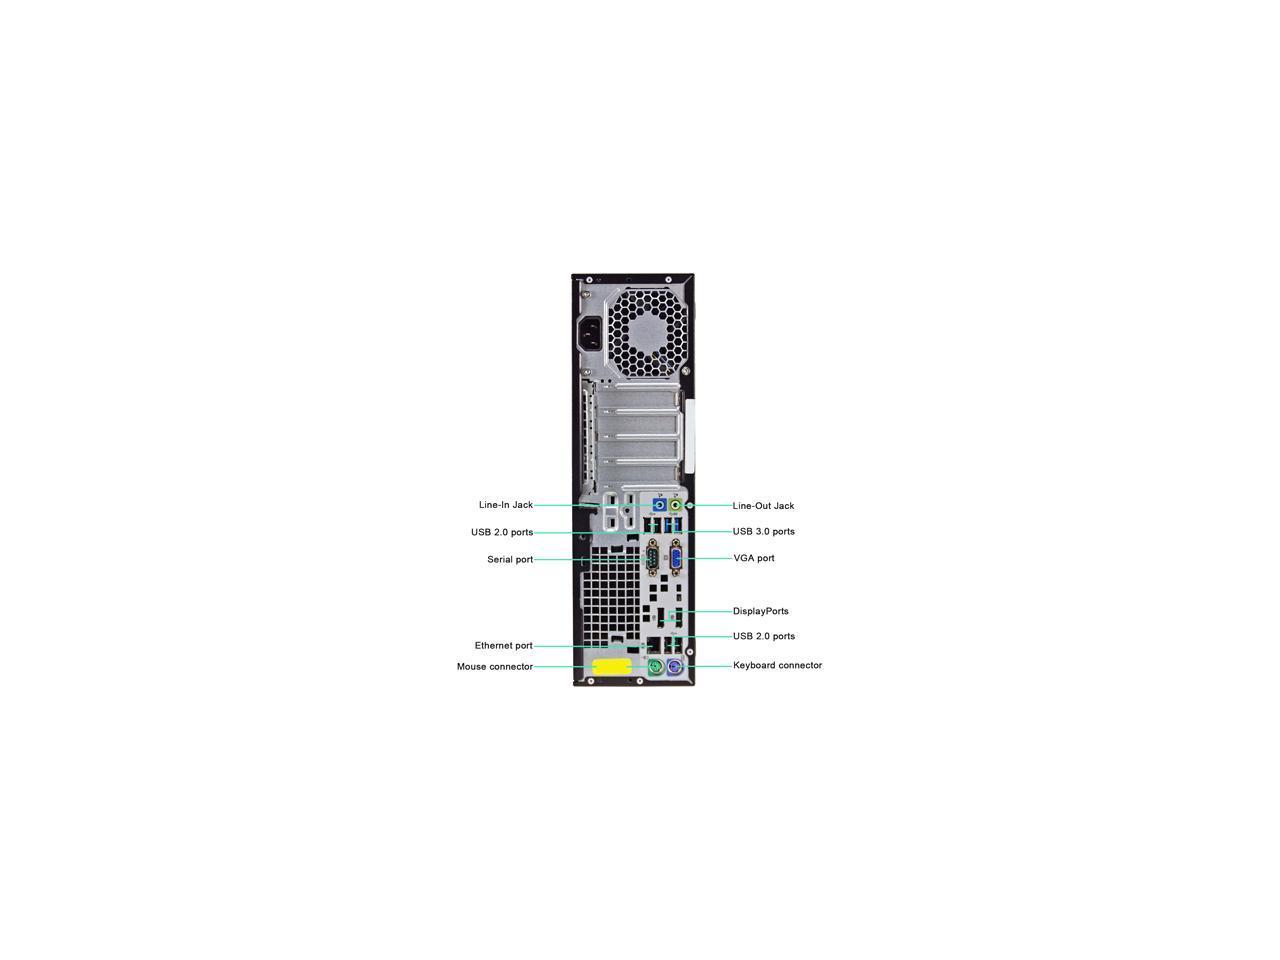 HP Desktop Computer 800 G1 Intel Core i7 4th Gen 4770 (3